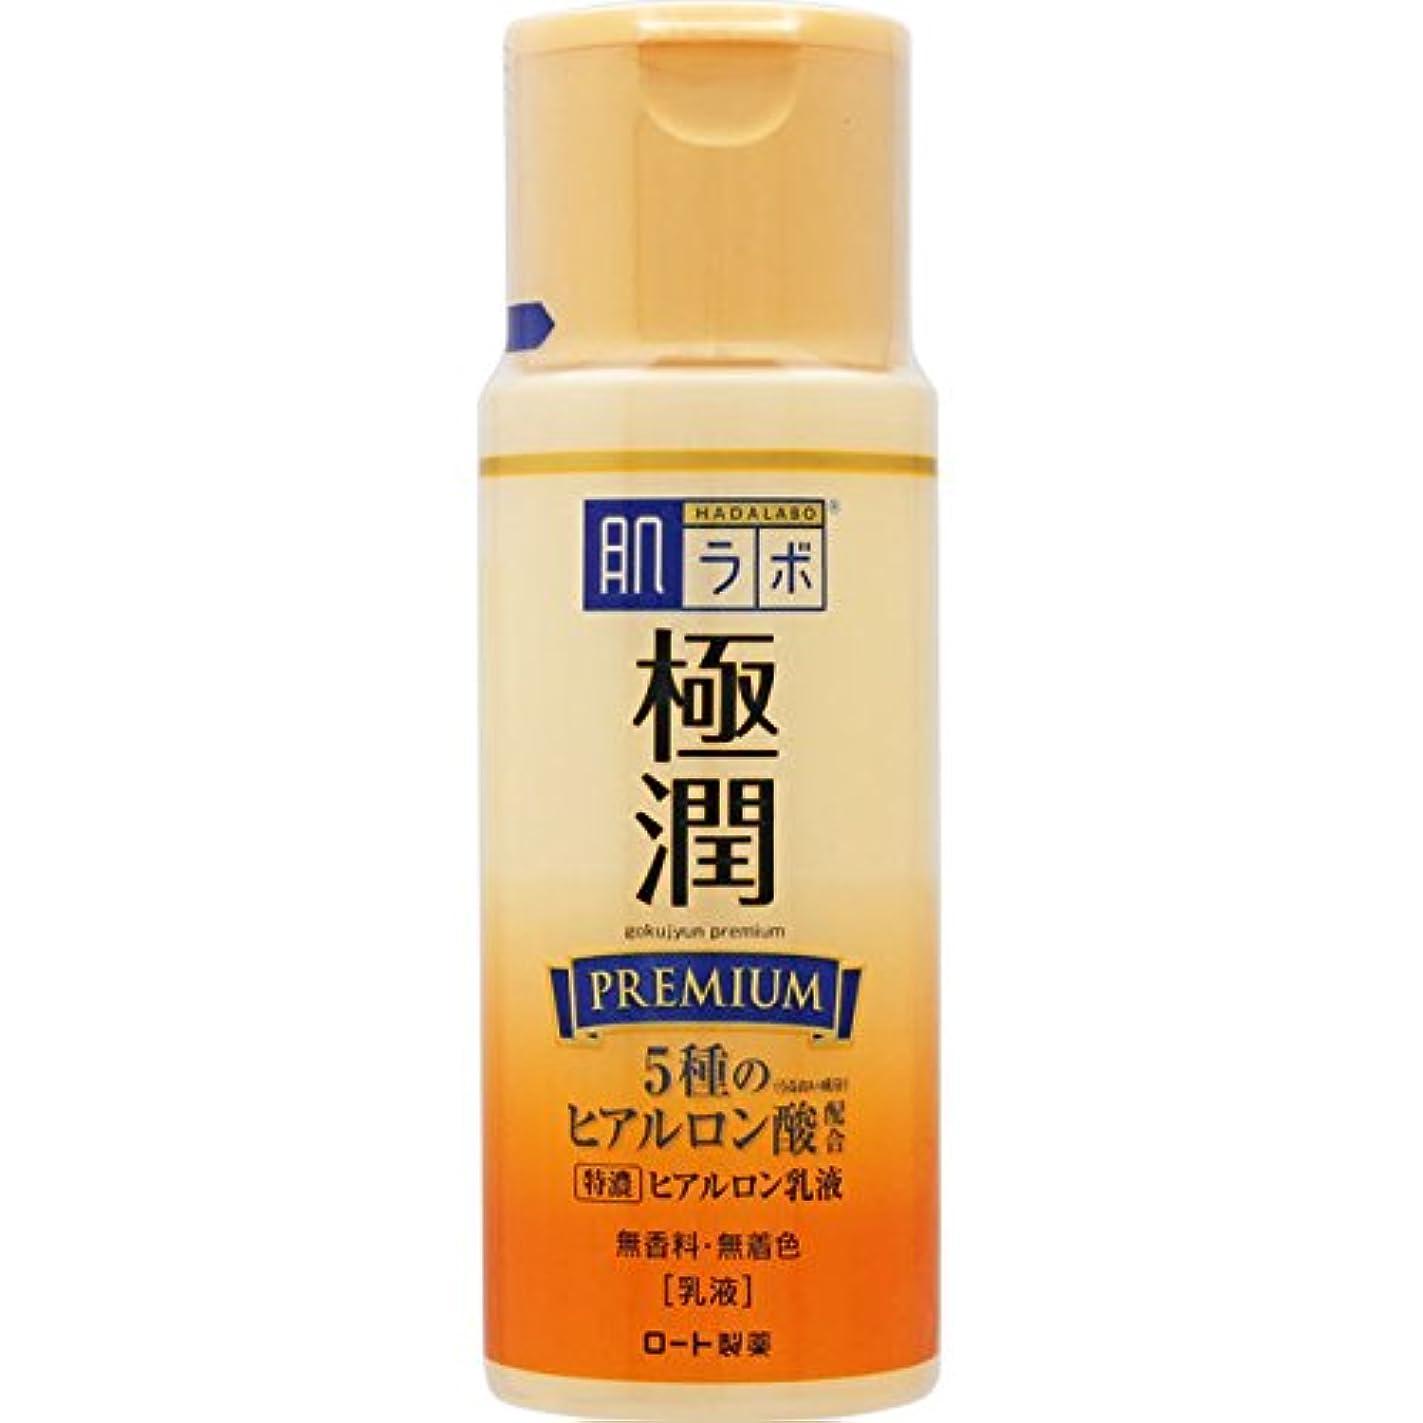 日光記念品腐食する肌ラボ 極潤プレミアム ヒアルロン乳液 140ml×3